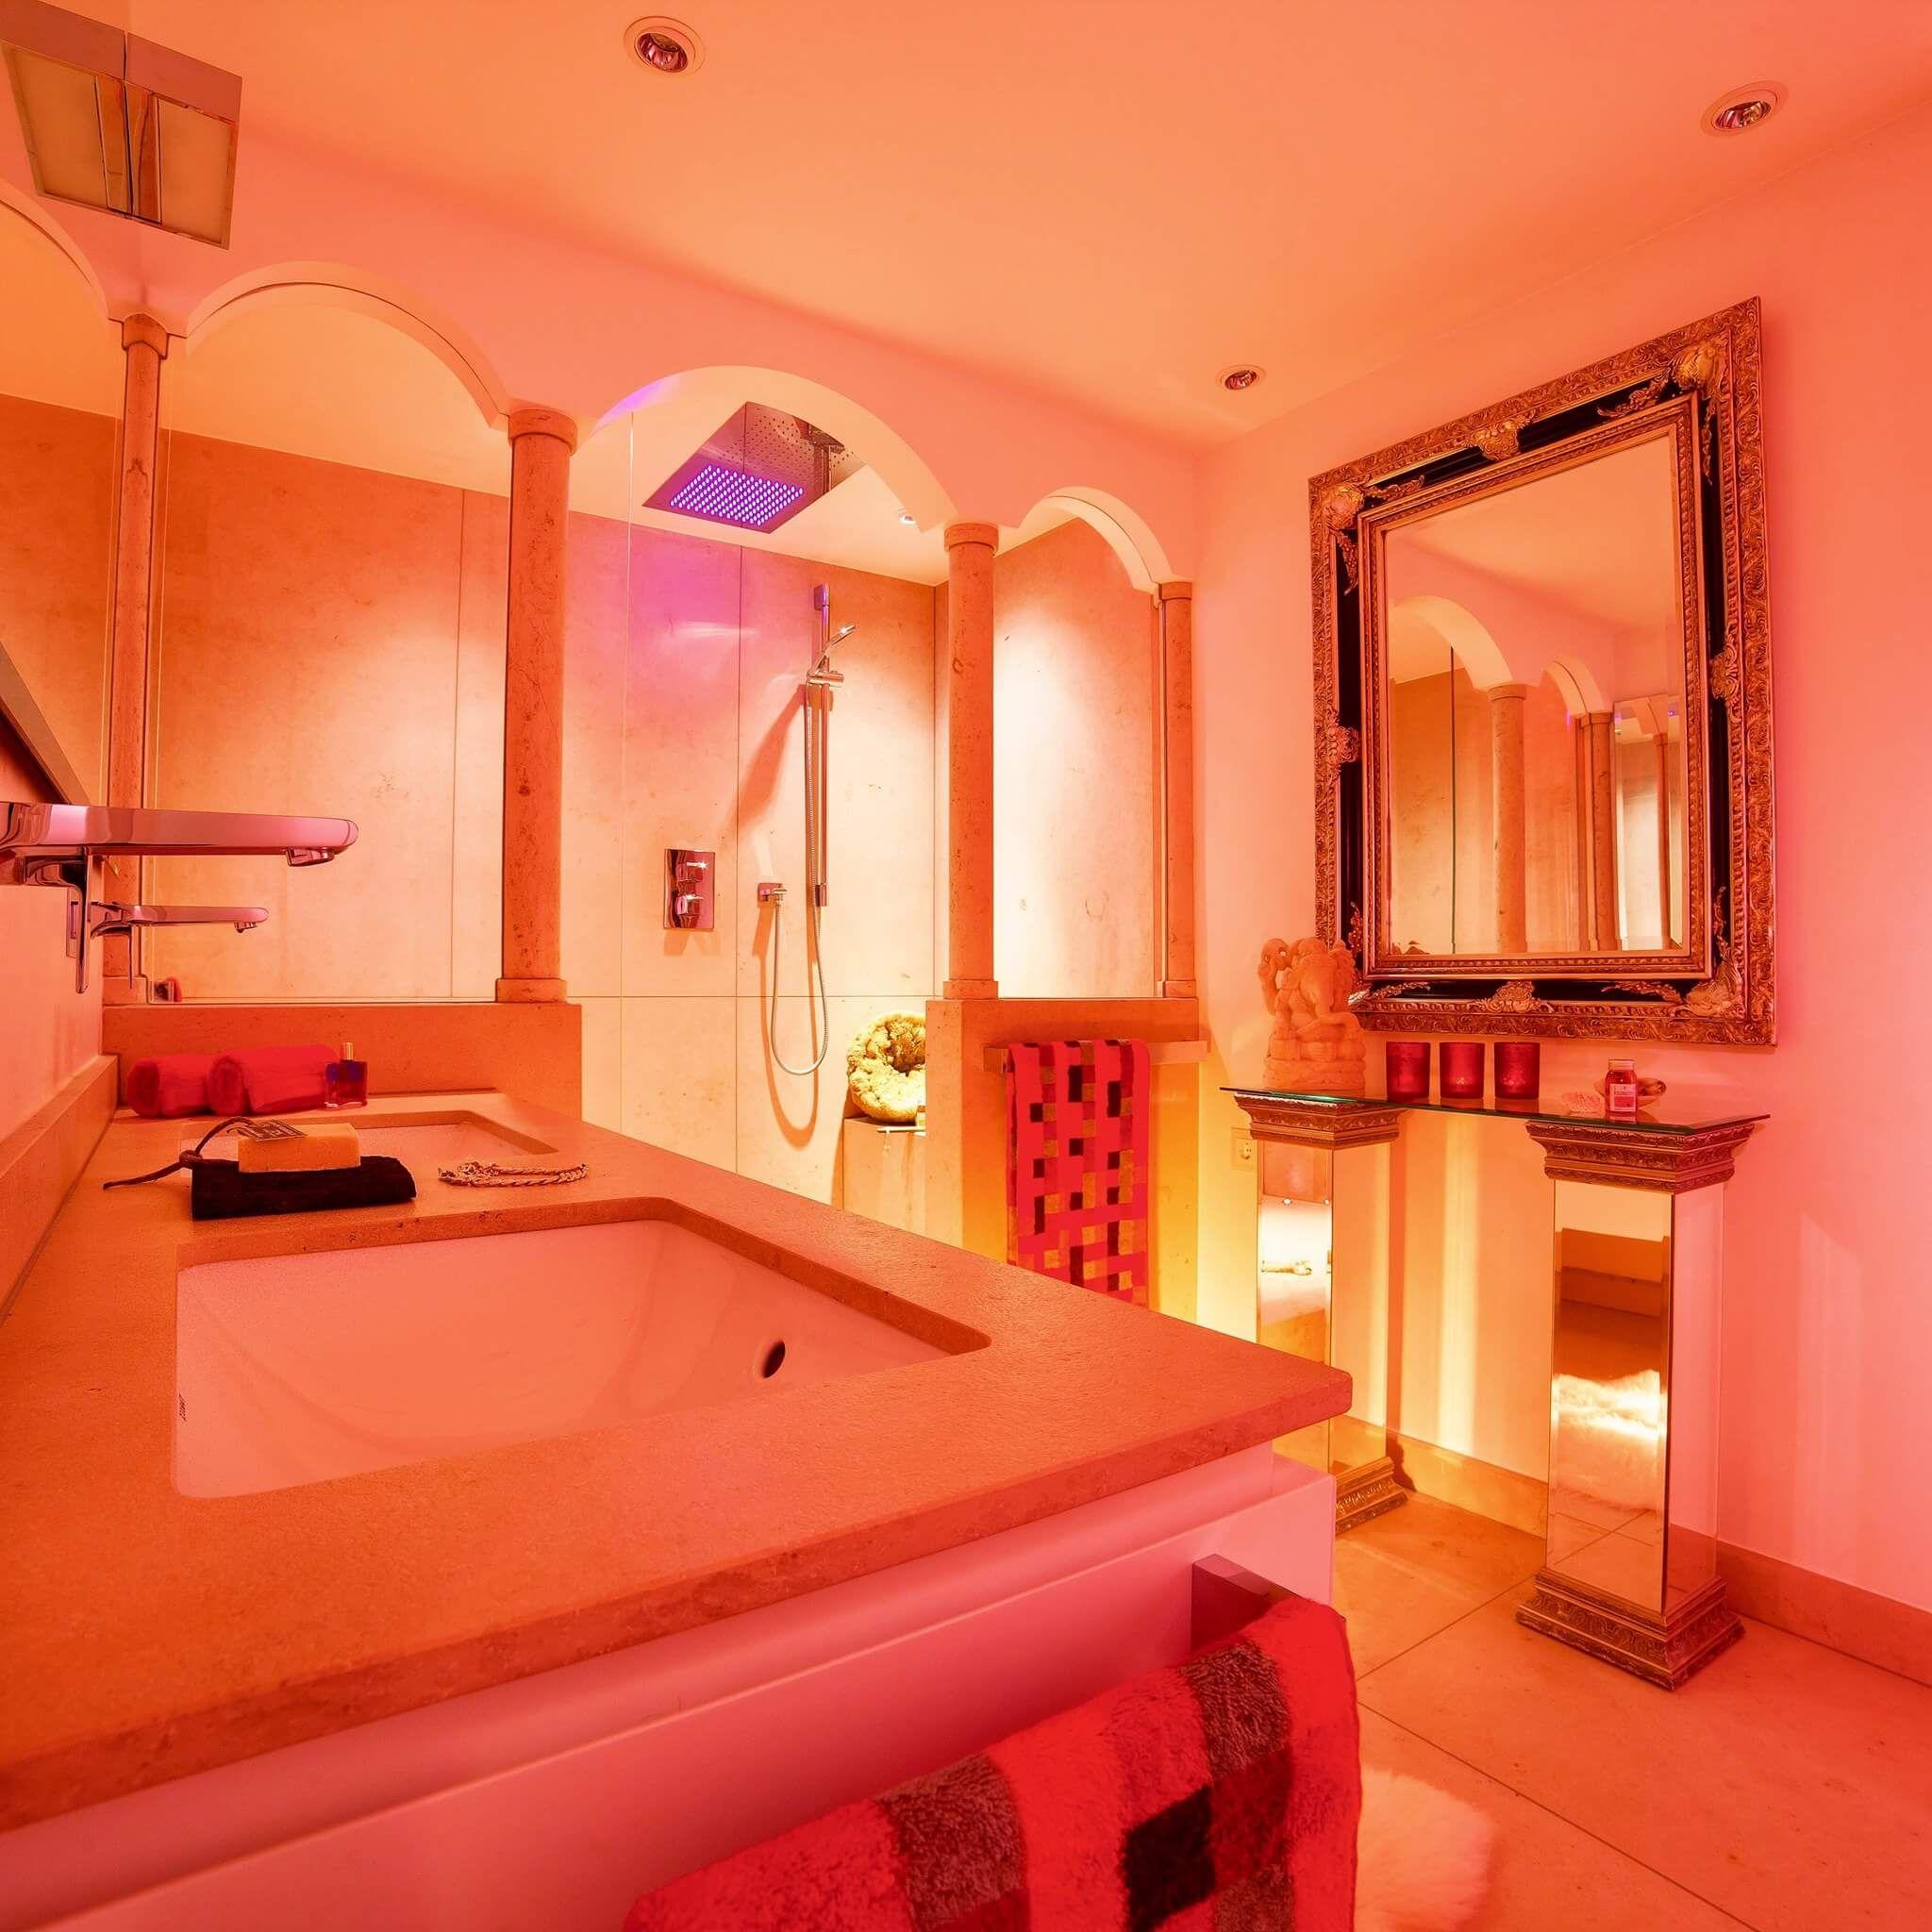 Badezimmergestaltung Wie Sie Ihr Bad Im Mediterranen Stil Gestalten Bad Design Badgestaltung Lichtdesign